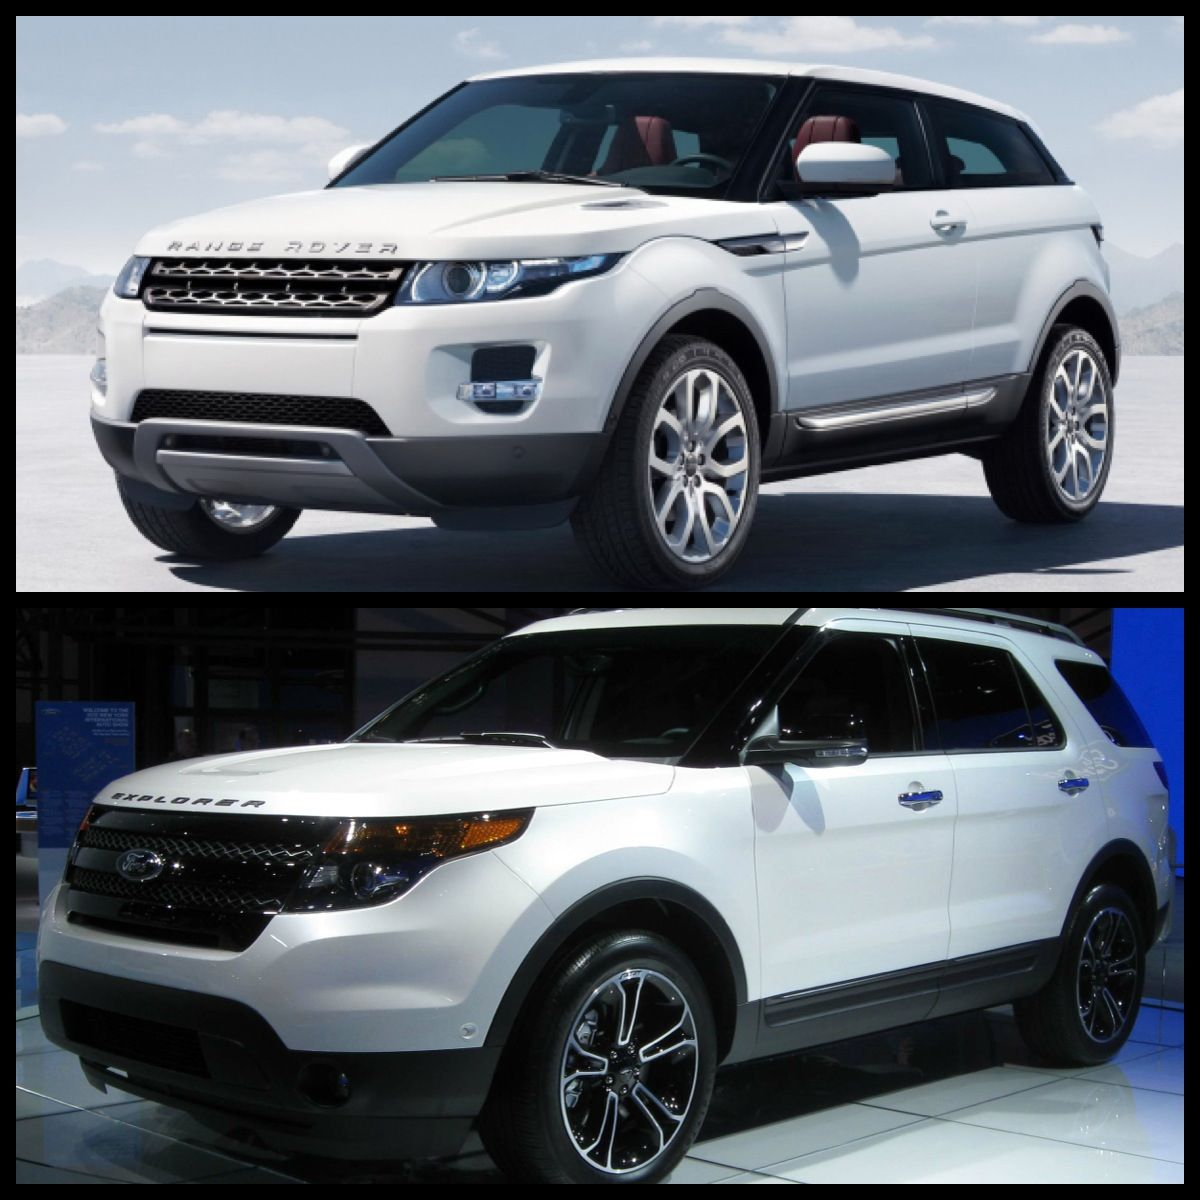 New Ford Explorer Vs New Range Rover Hmmmm New Ford Explorer